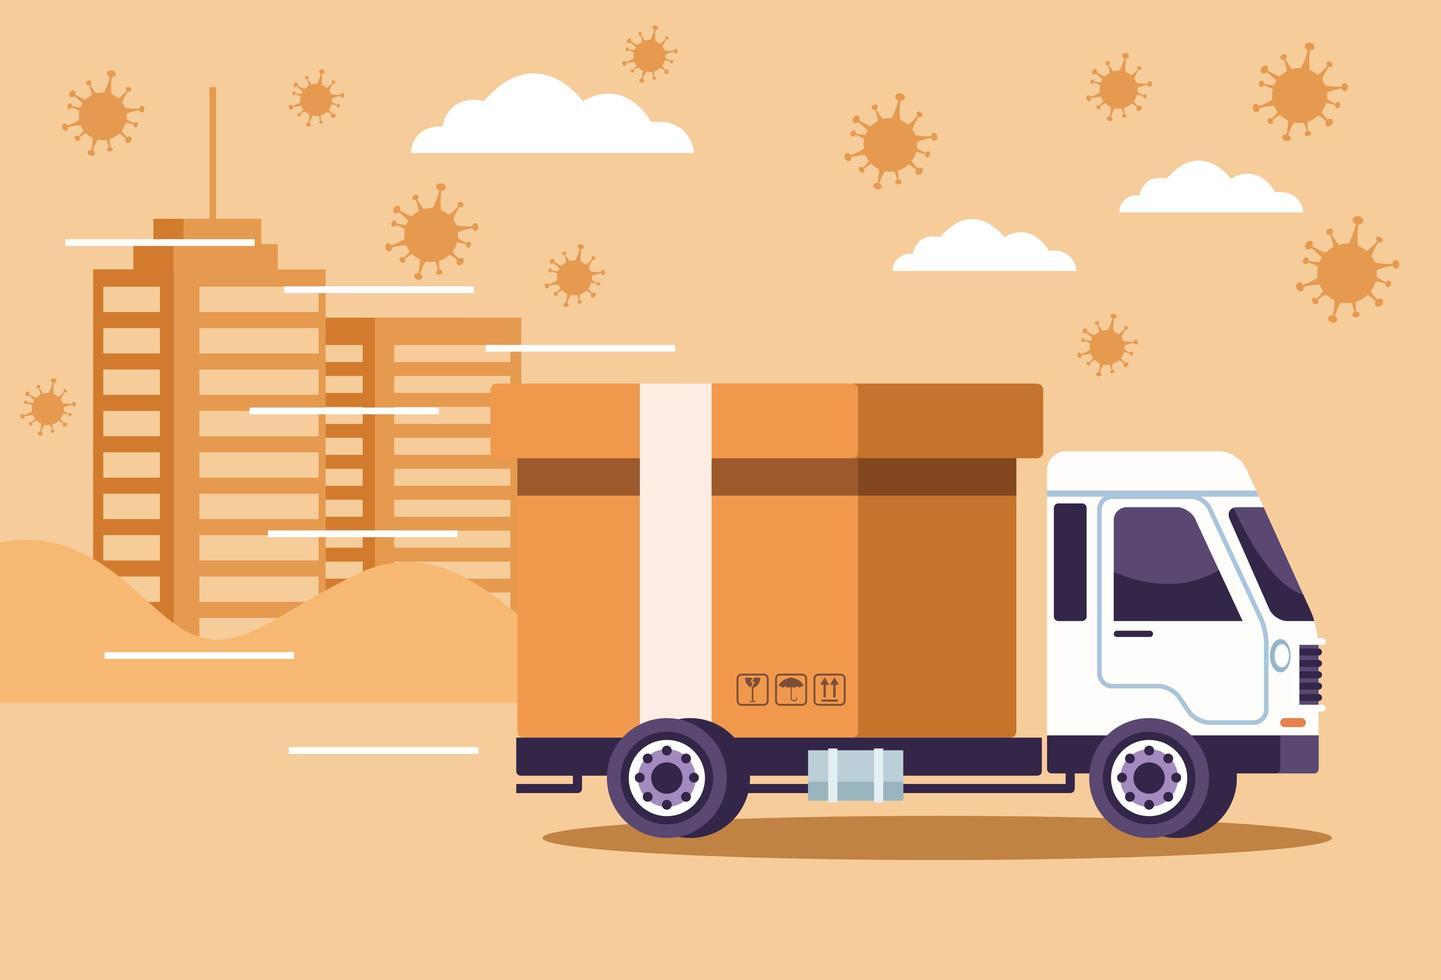 serviço de entrega de caminhão com partículas de coronavírus vetor